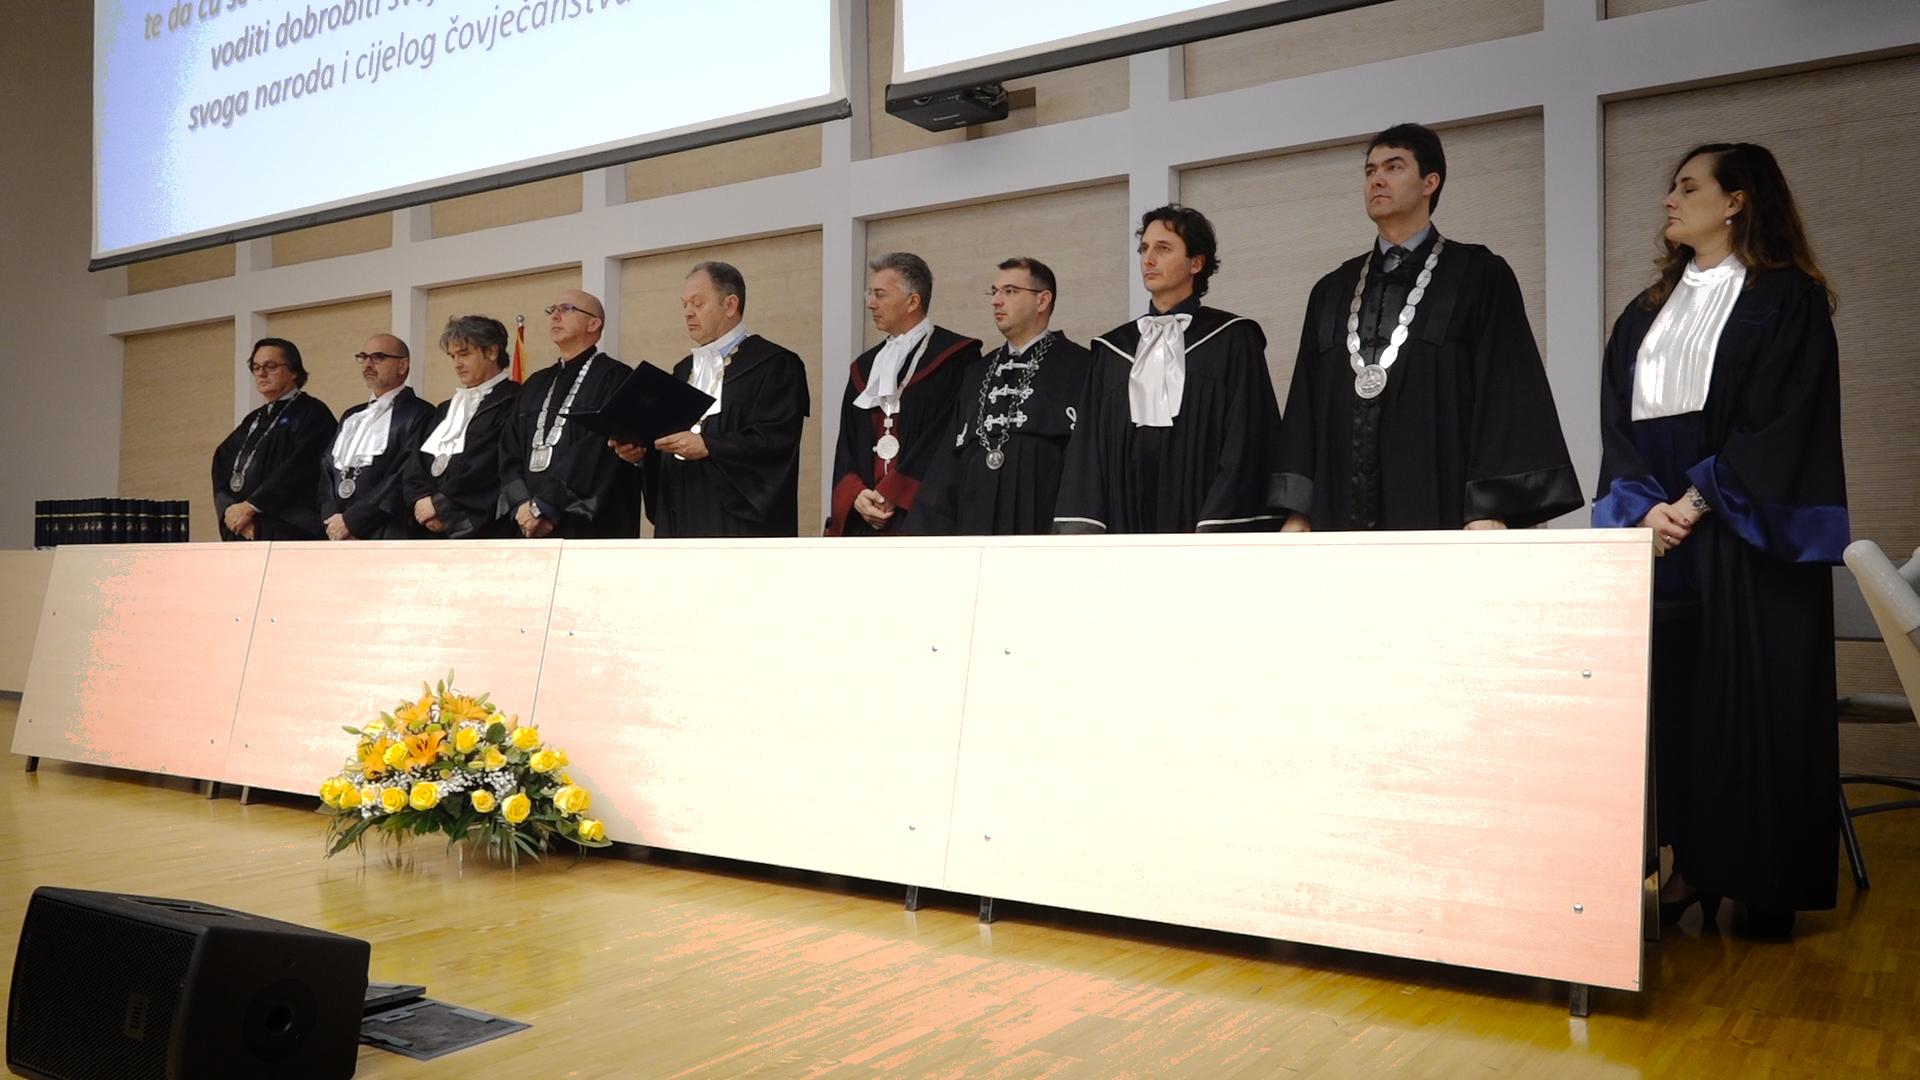 Svečana sjednica Fakultetskog vijeća povodom 20. godišnjice Medicinskoga fakulteta u Splitu